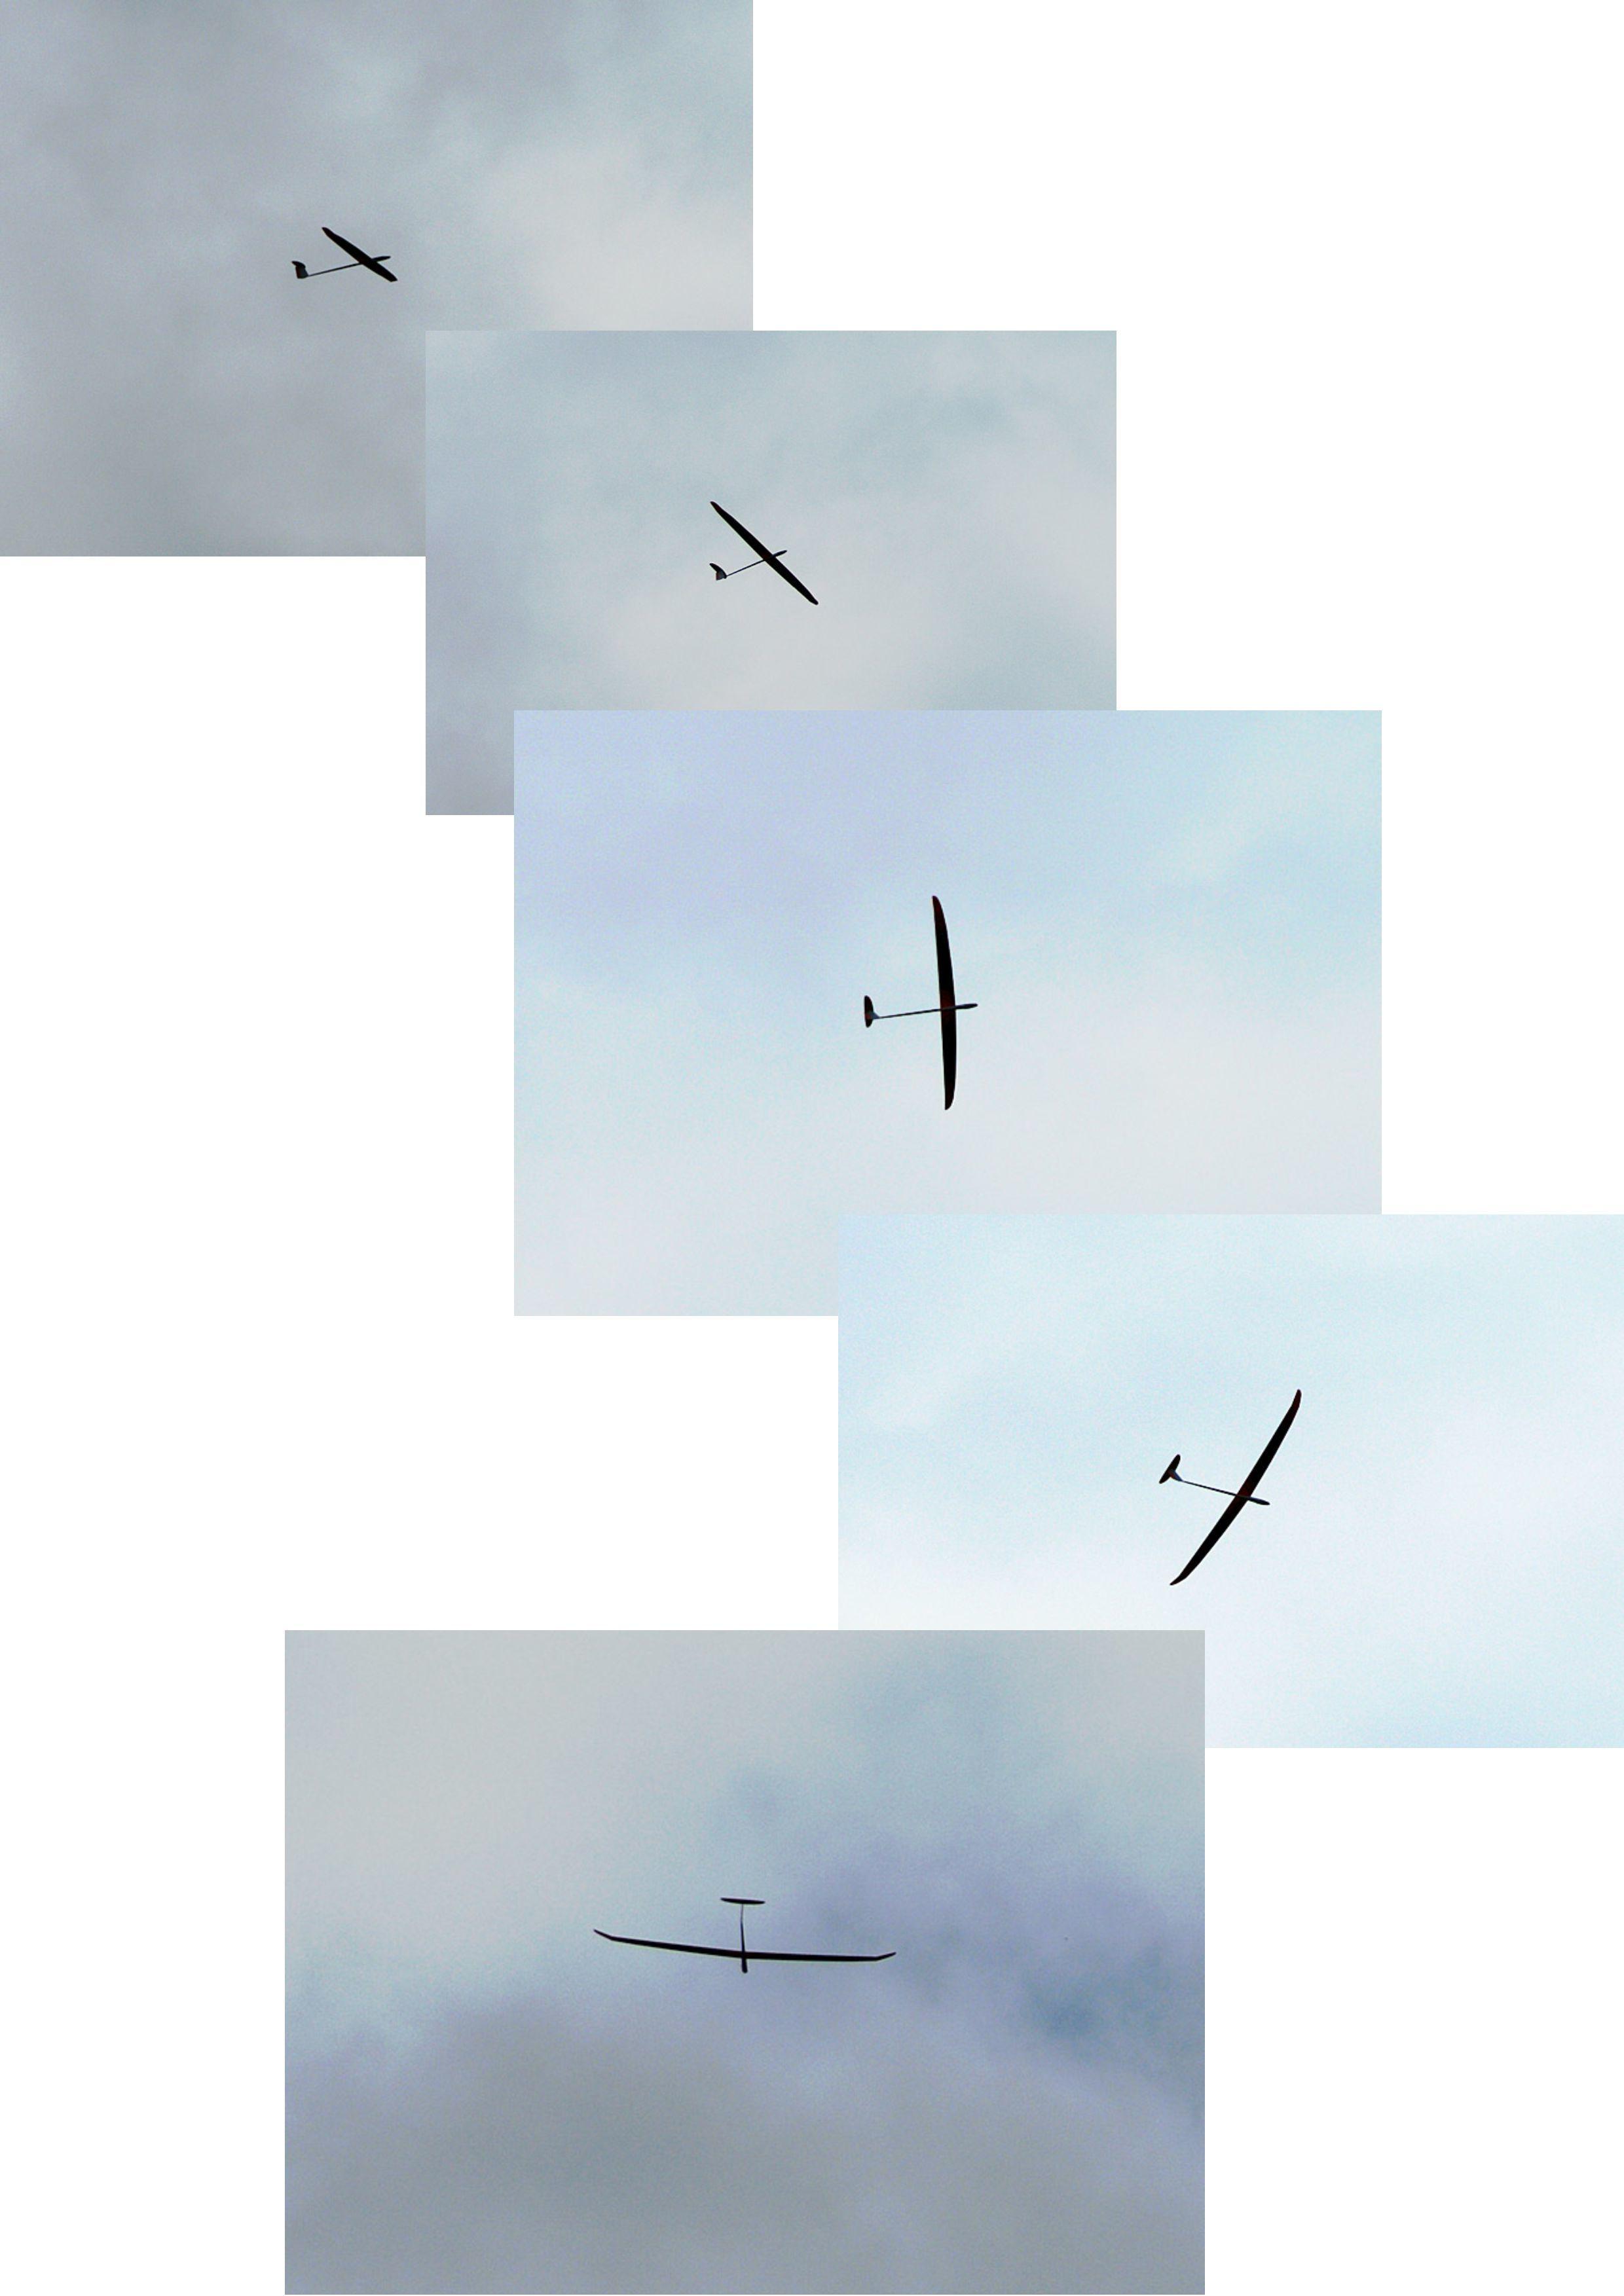 f0373022_18490008.jpg